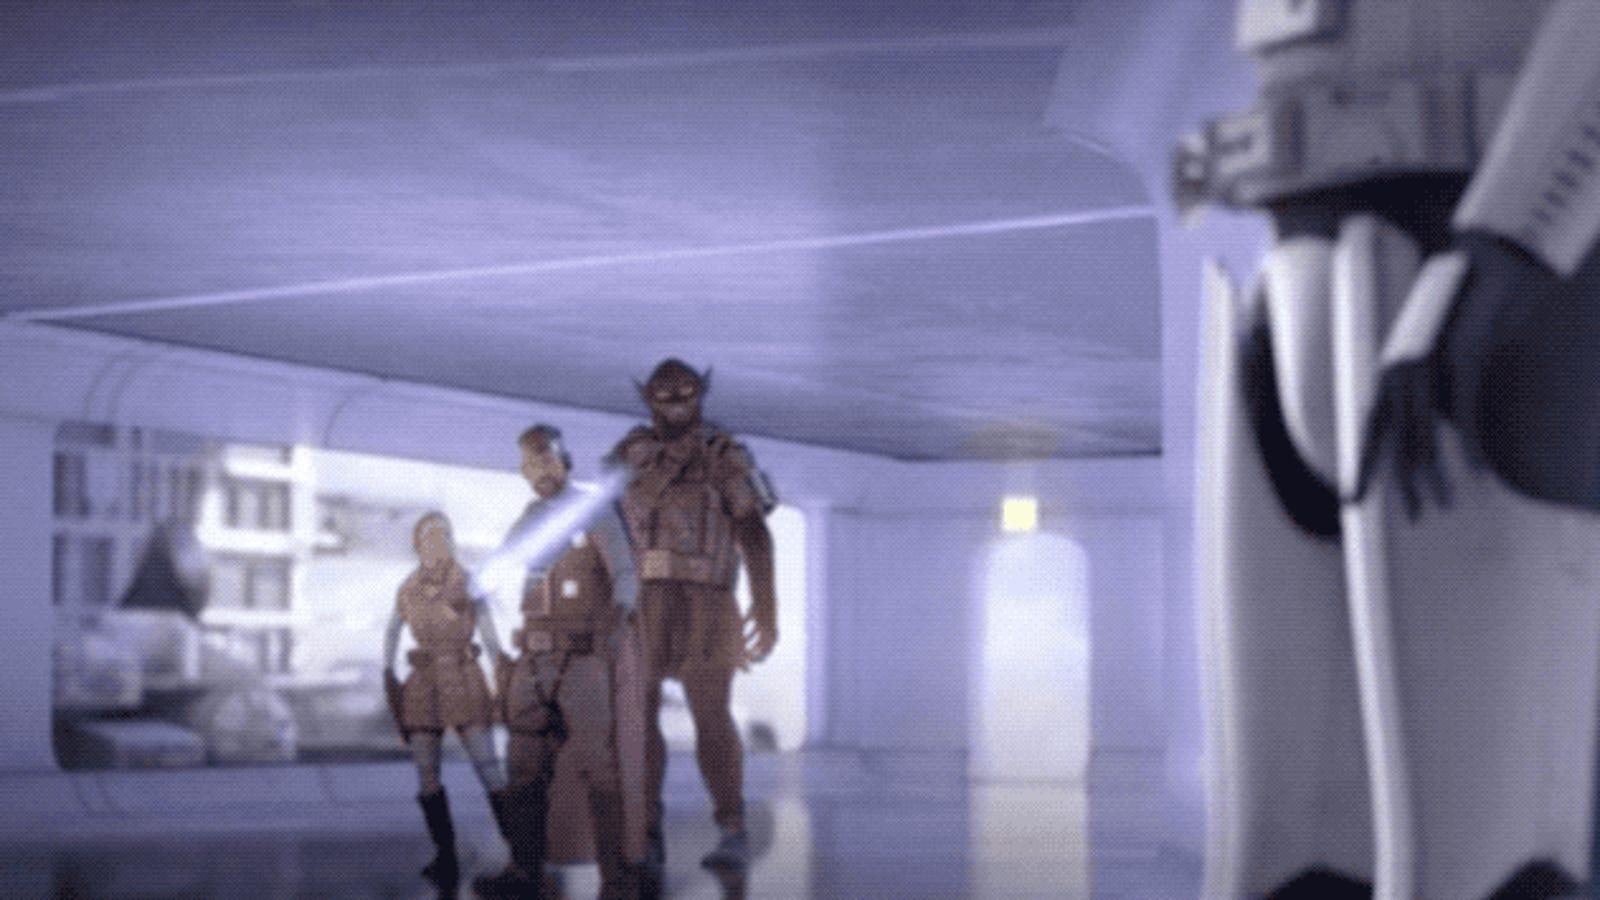 Stormtroopers con sables láser y Luke Skywalker era una chica: este tráiler hecho por fans muestra cómo iba a ser Star Wars